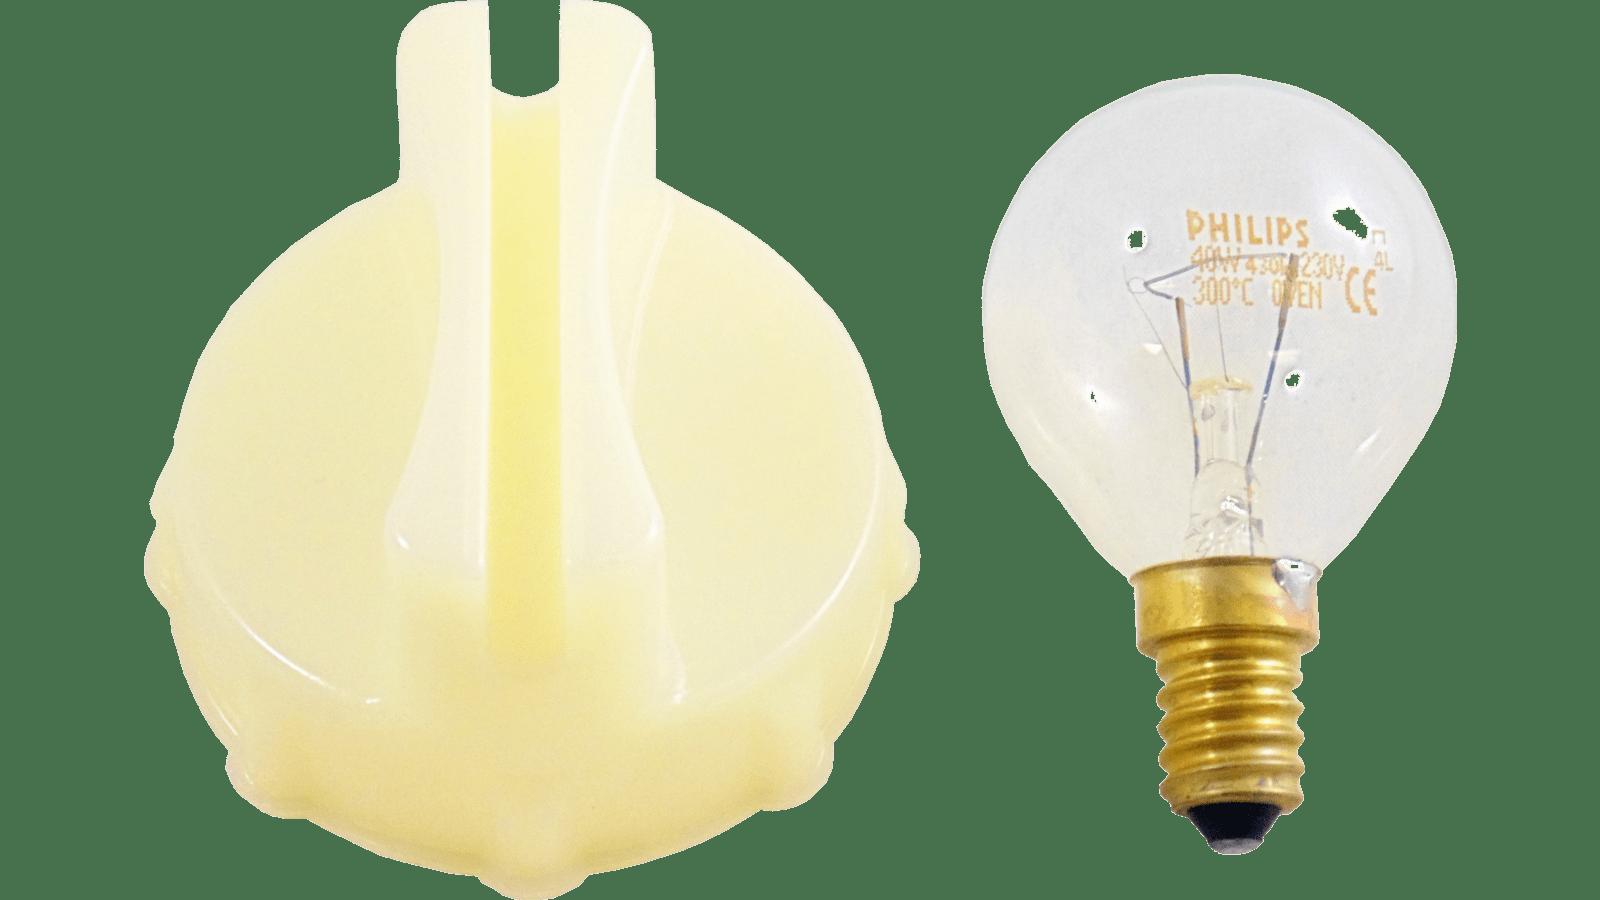 Bosch 00032196/Four et accessoires//Ampoule Lampe//Plaque de cuisson//Quality de rechange Four/ /25/W pour votre Four//Cette partie//Accessoires est adapt/é pour diff/érentes marques